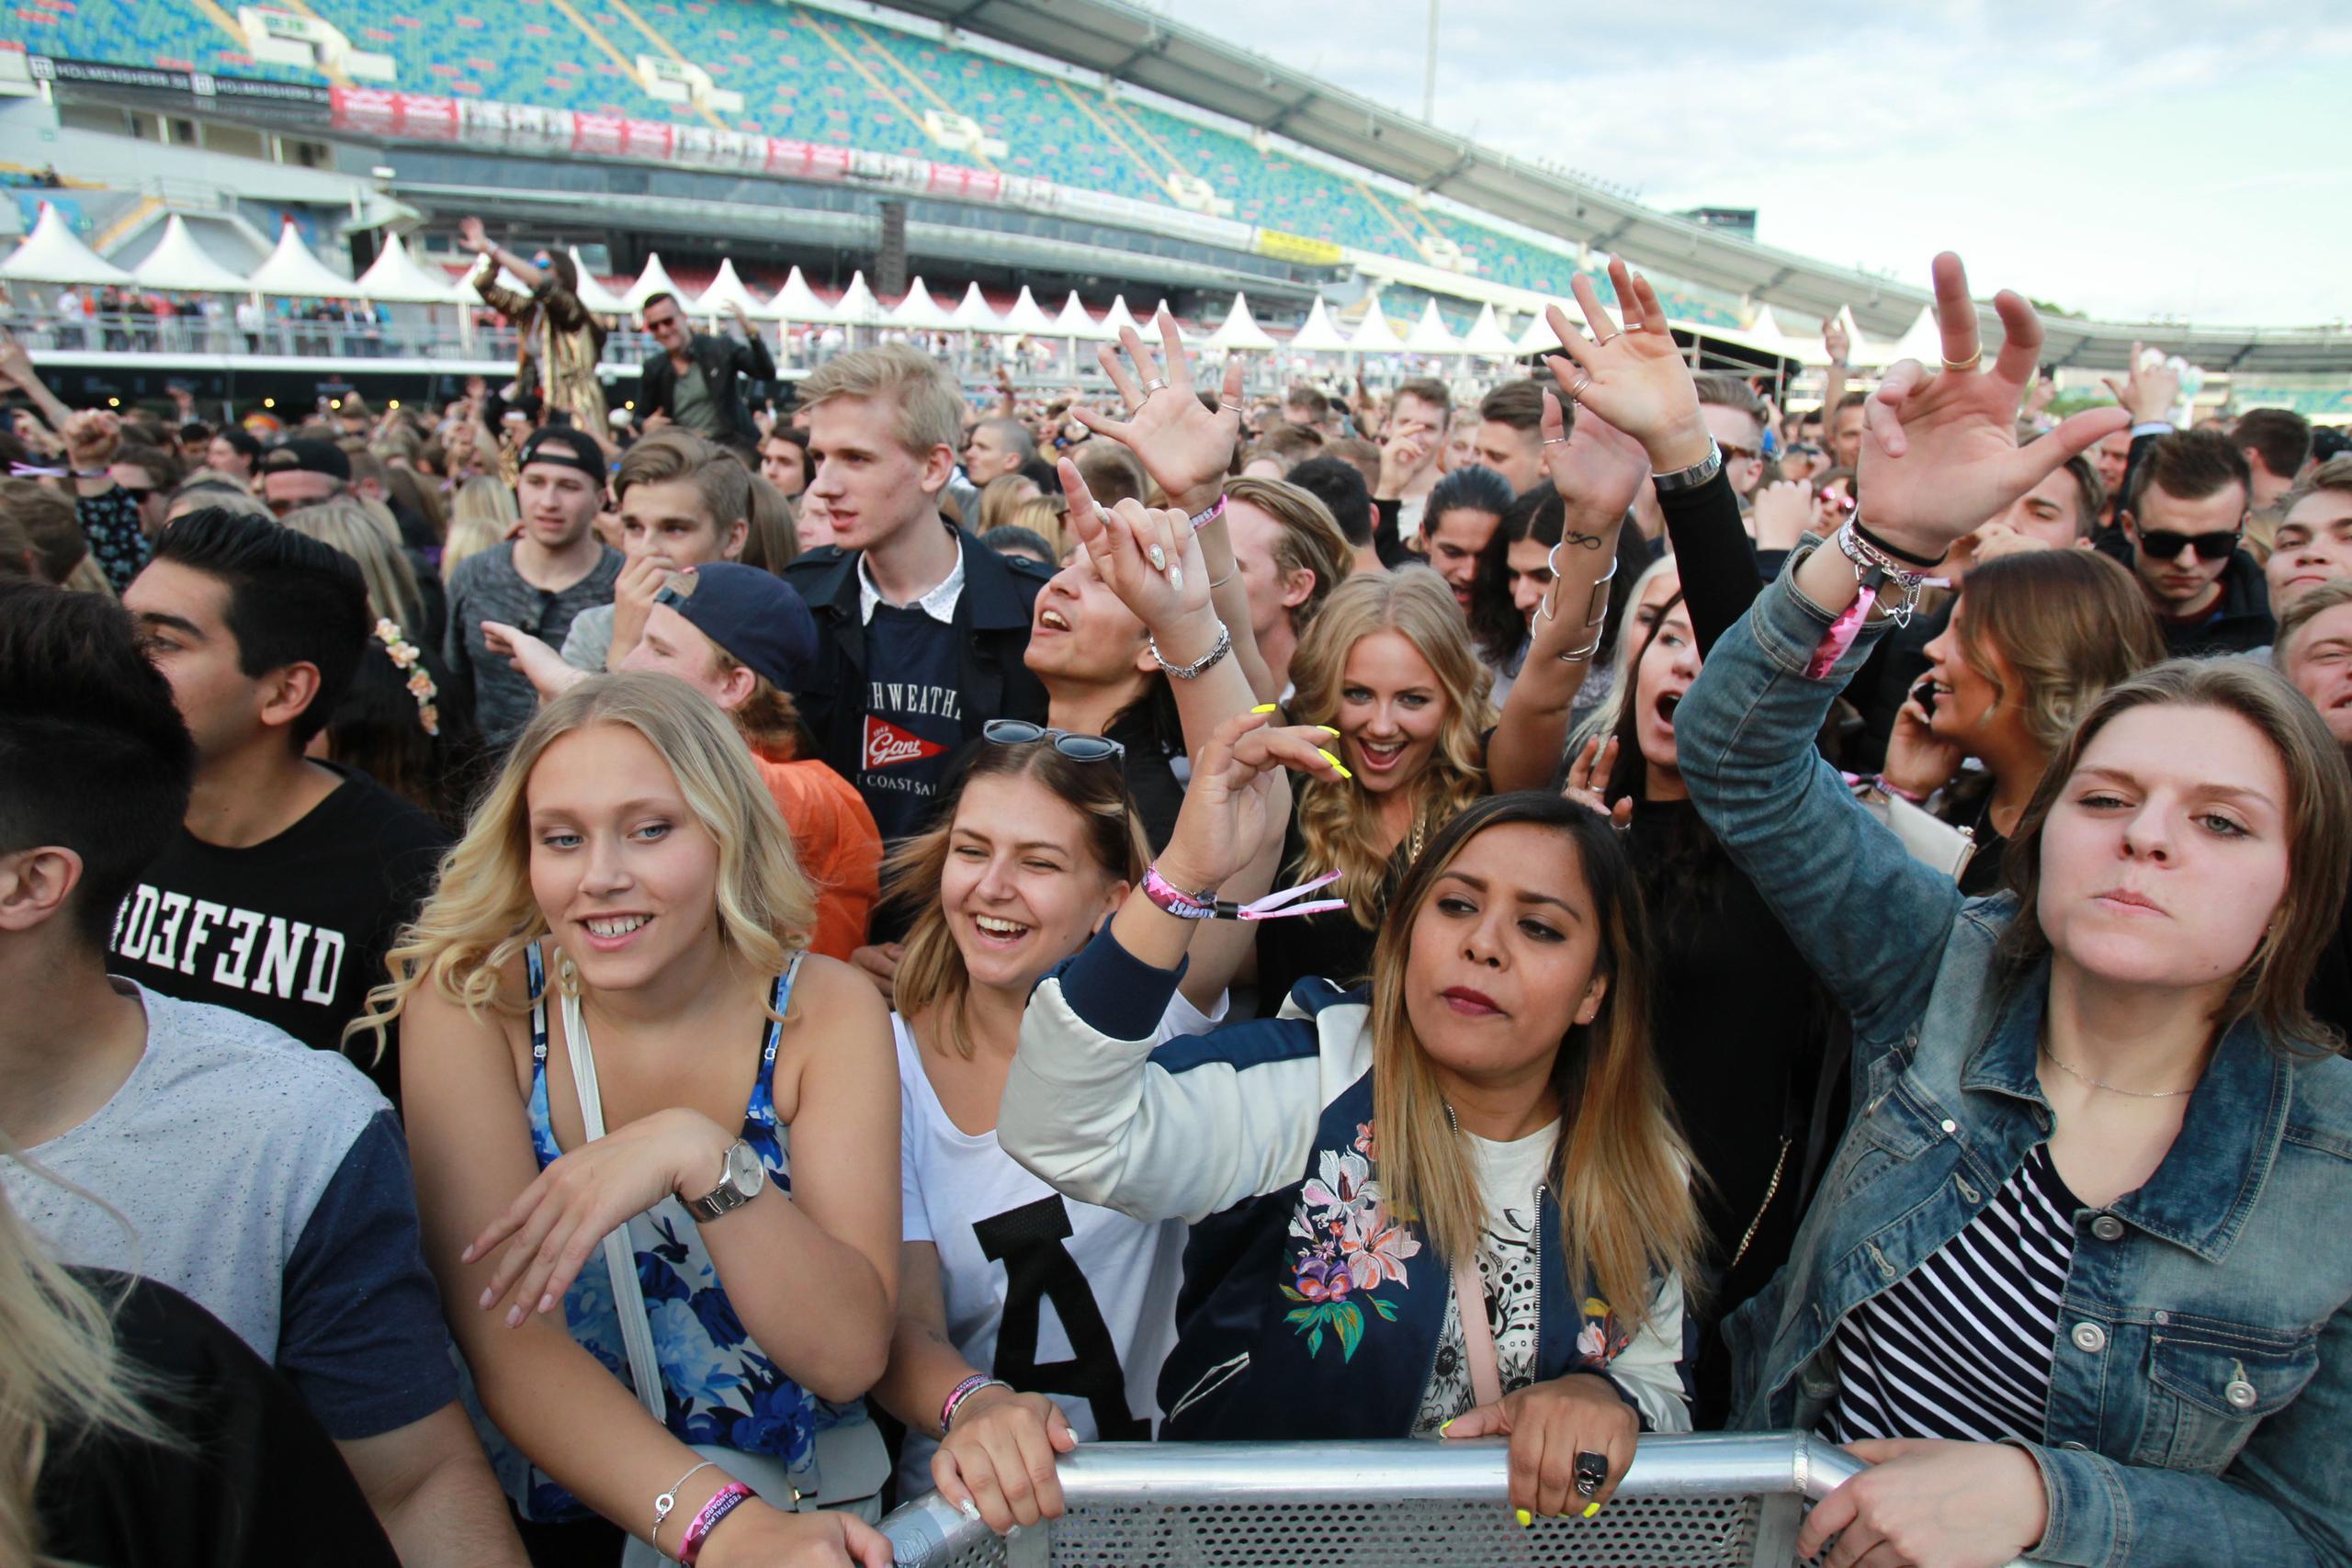 Svenska konsertbesökare gör tummen upp för vaccinpass